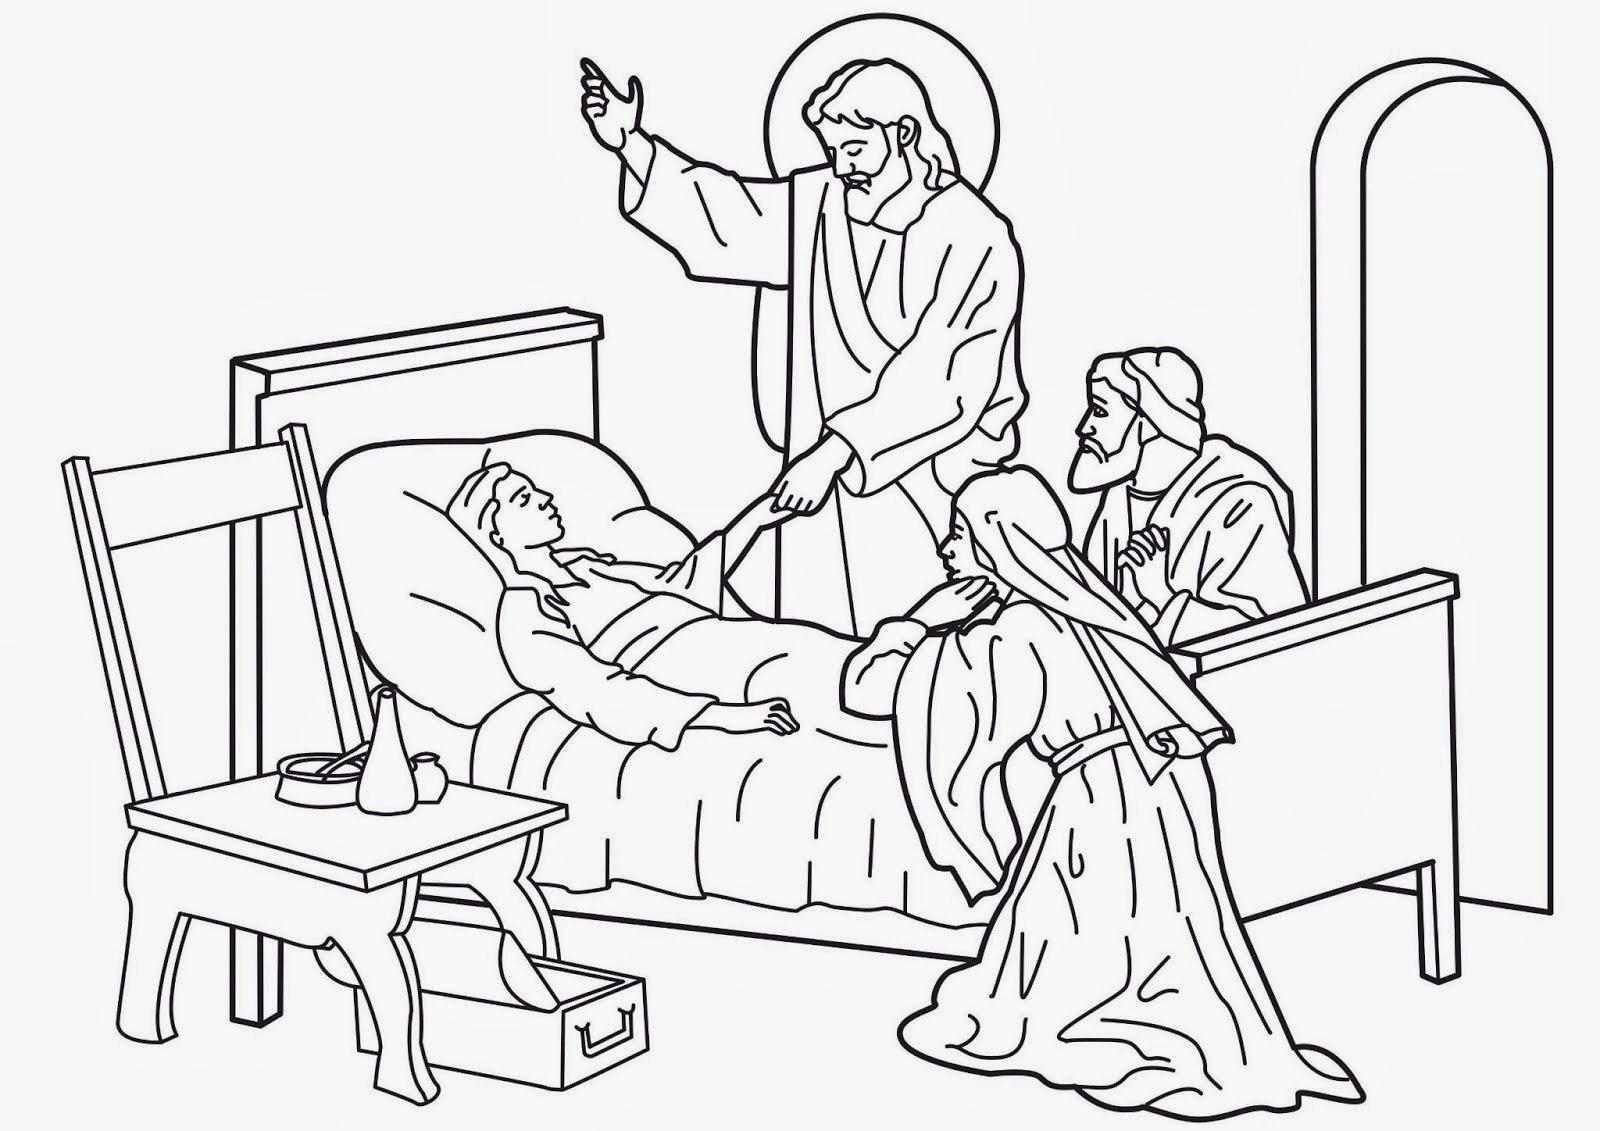 Imagenes Cristianas Para Colorear: Jesus Curaba Enfermos